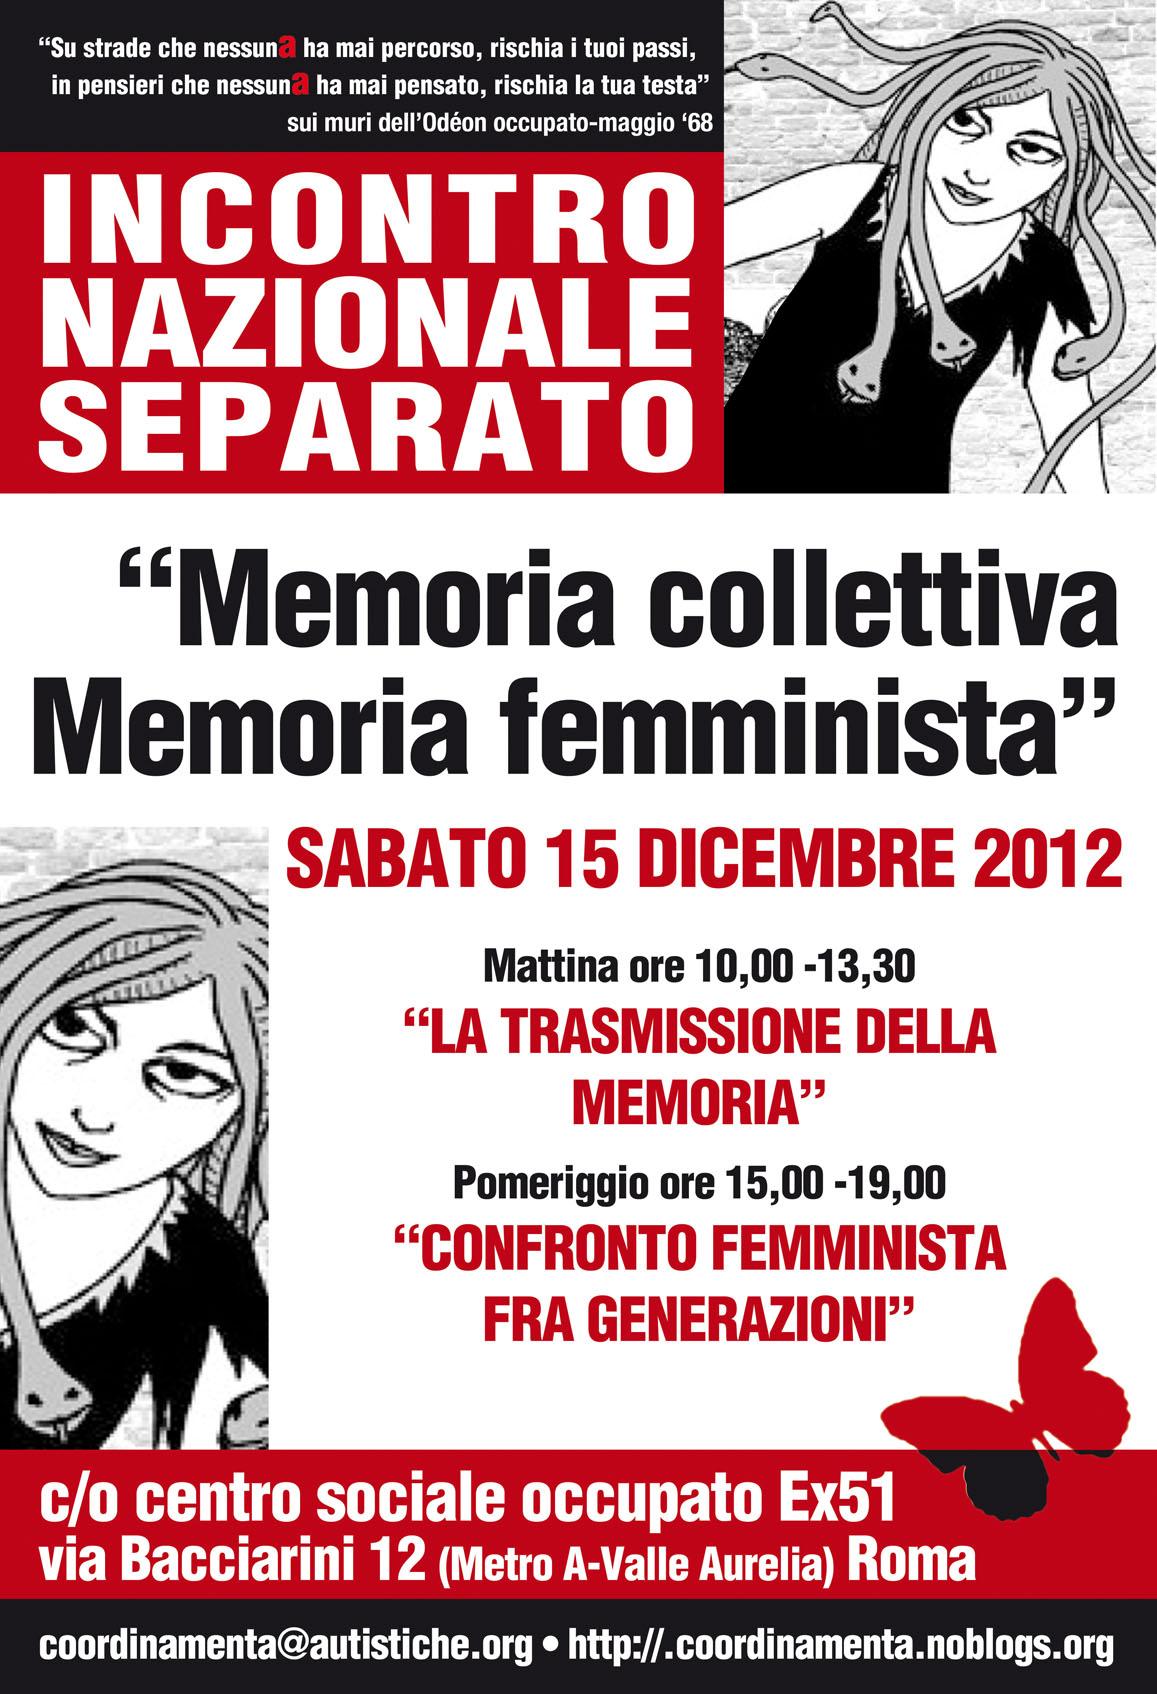 http://medea.noblogs.org/files/2012/12/coordinamenta.jpg